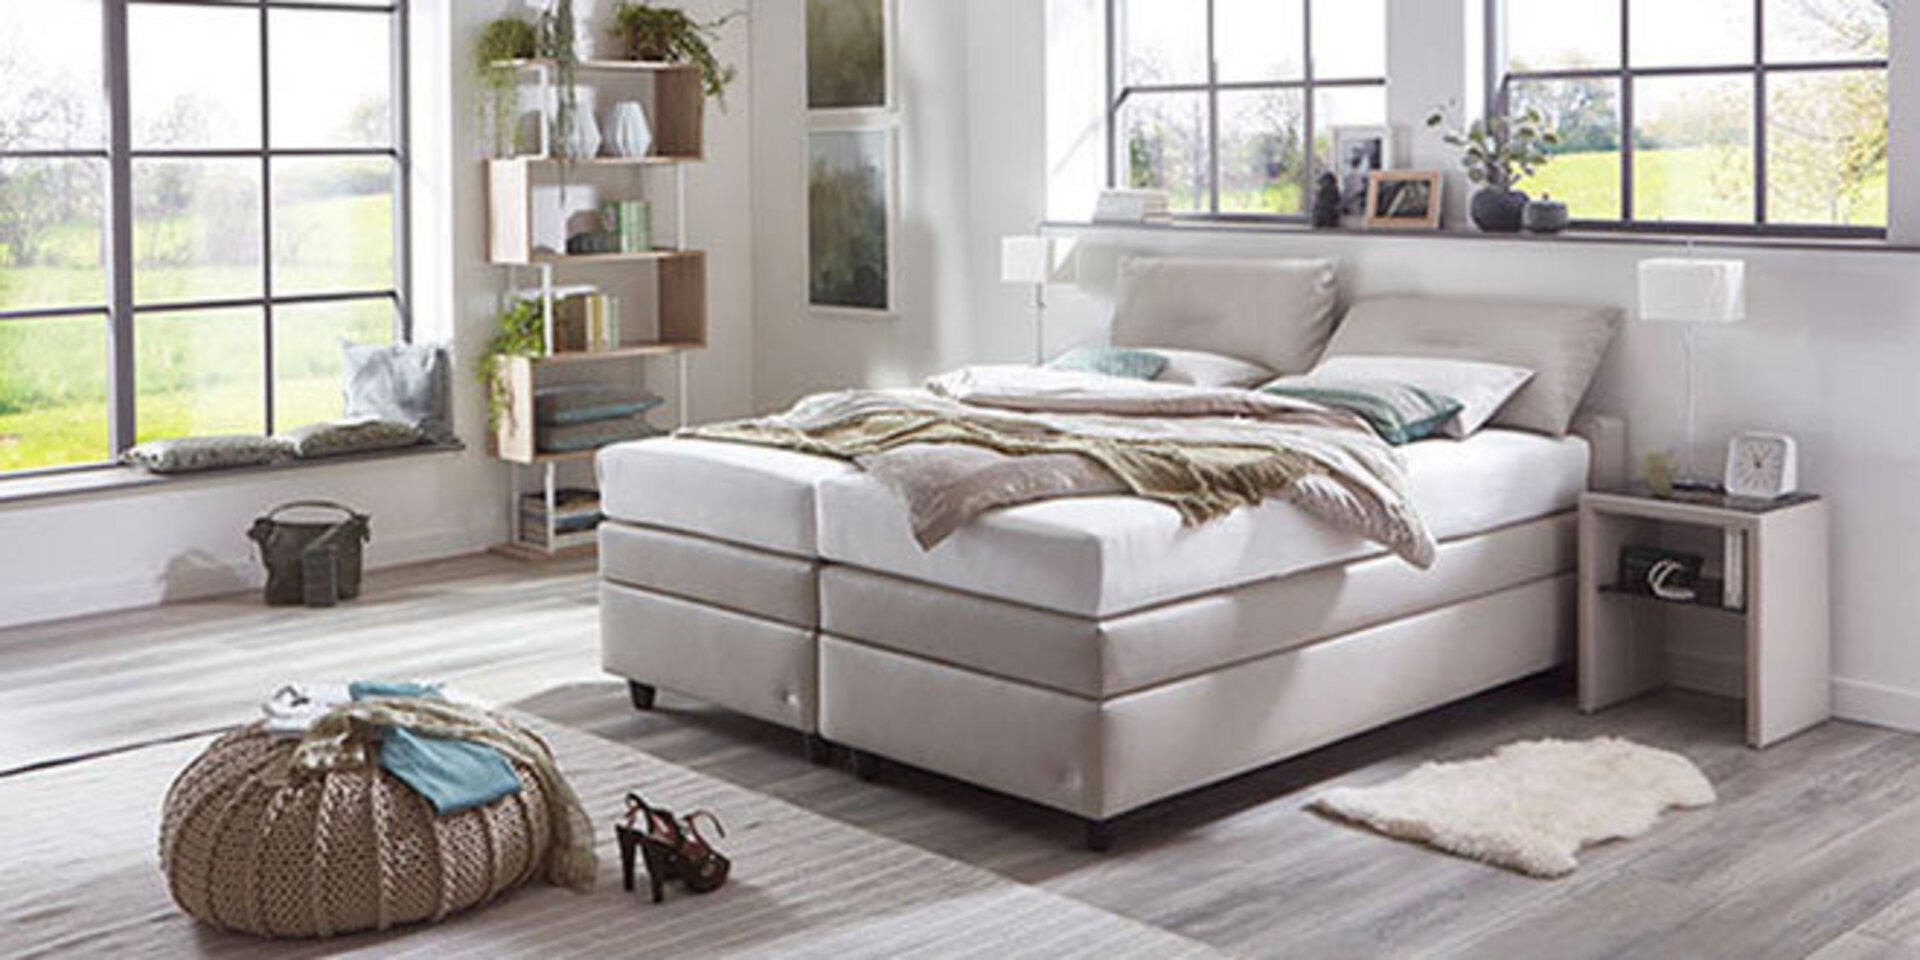 Zweites Titelbild der Marke ruf Betten zeigt ein beiges Boxspringbett